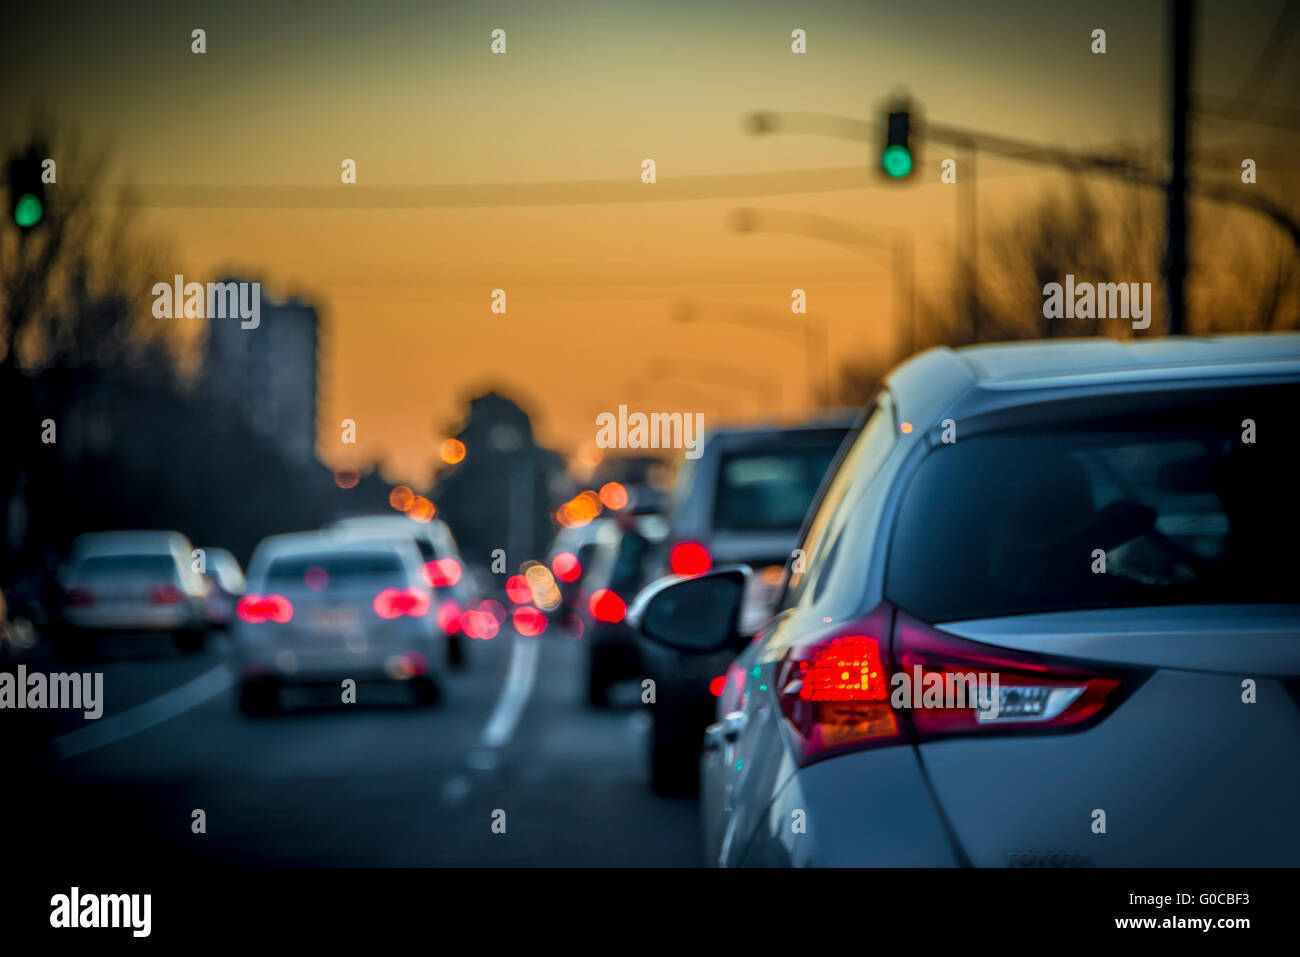 Auto luci di coda seduta nella costruzione di traffico fino a Melbourne freeway peak hour al tramonto, Melbourne, Immagini Stock